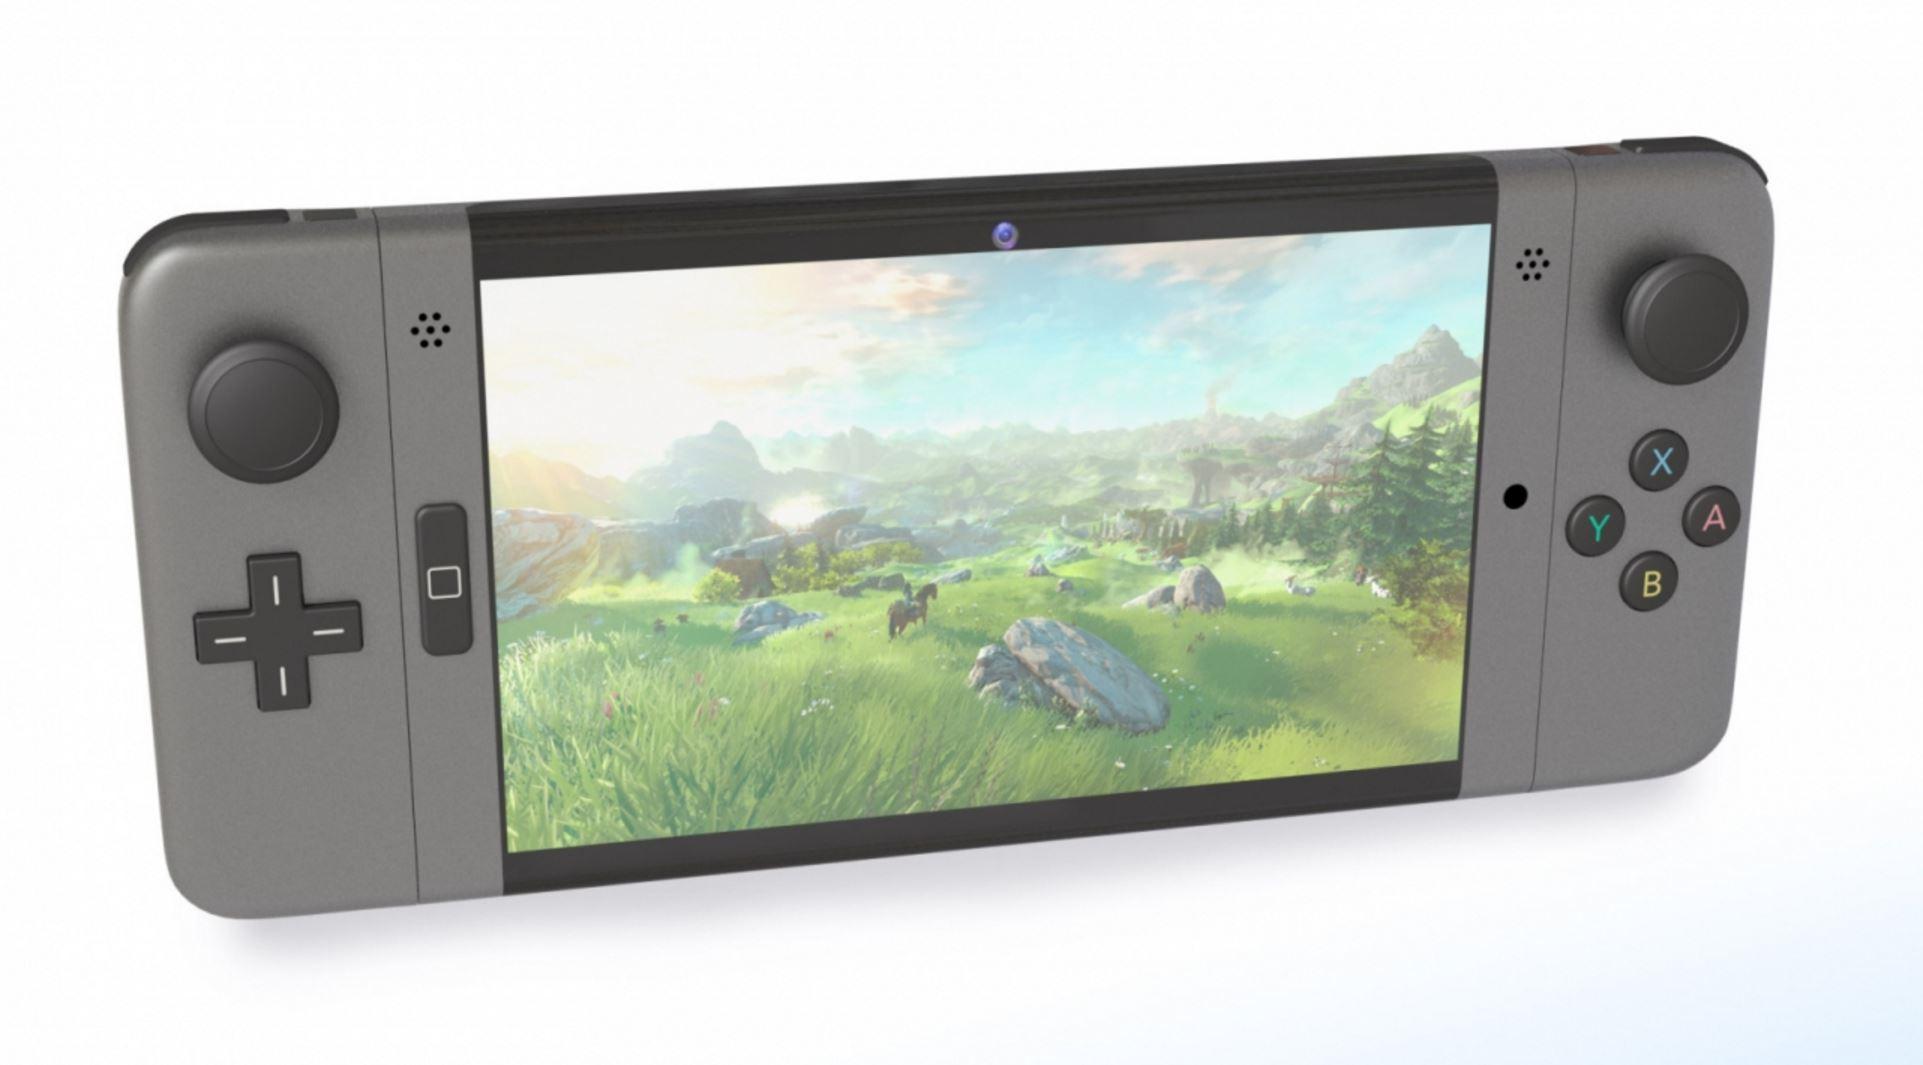 La Nintendo NX se anunciaría oficialmente la próxima semana